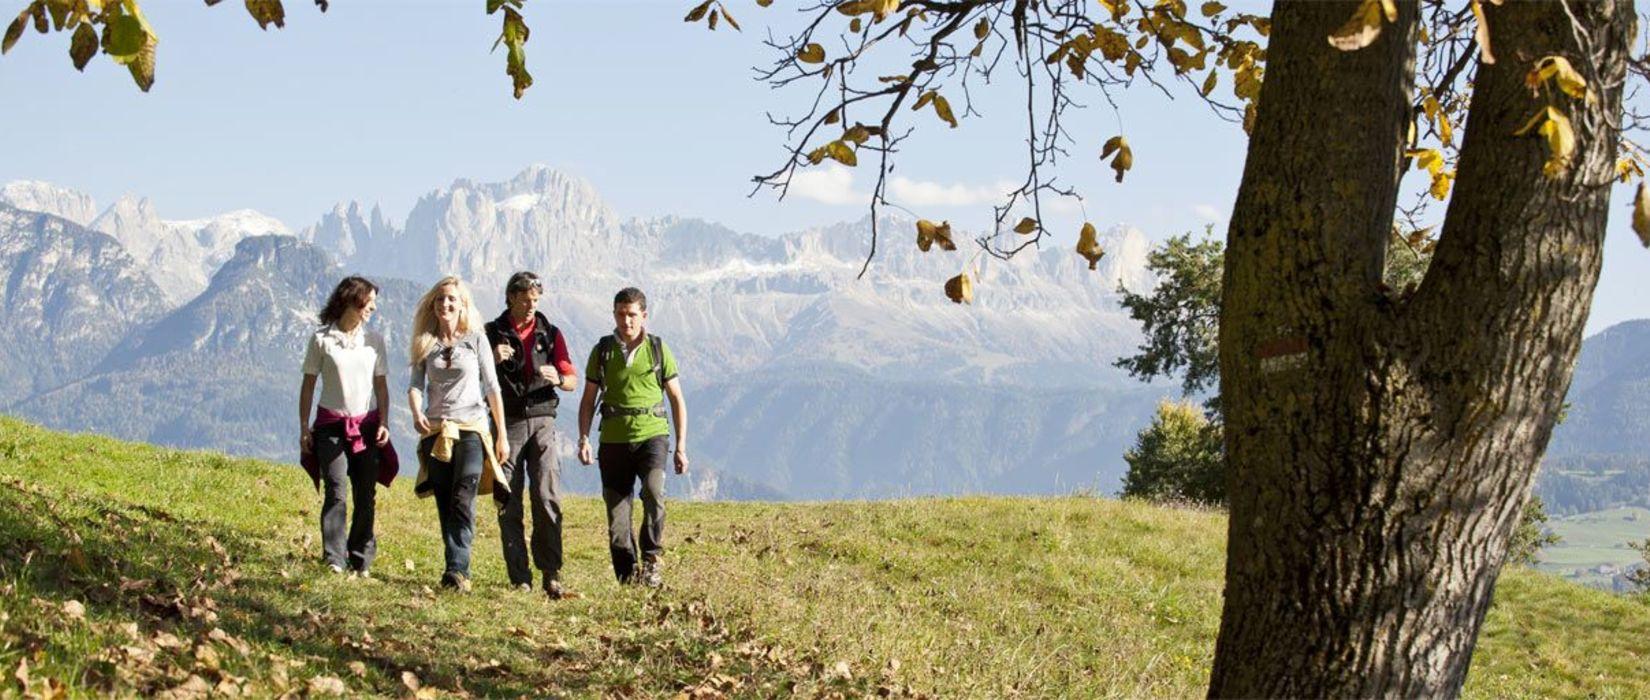 Den goldenen Herbst in Südtirol genießen!